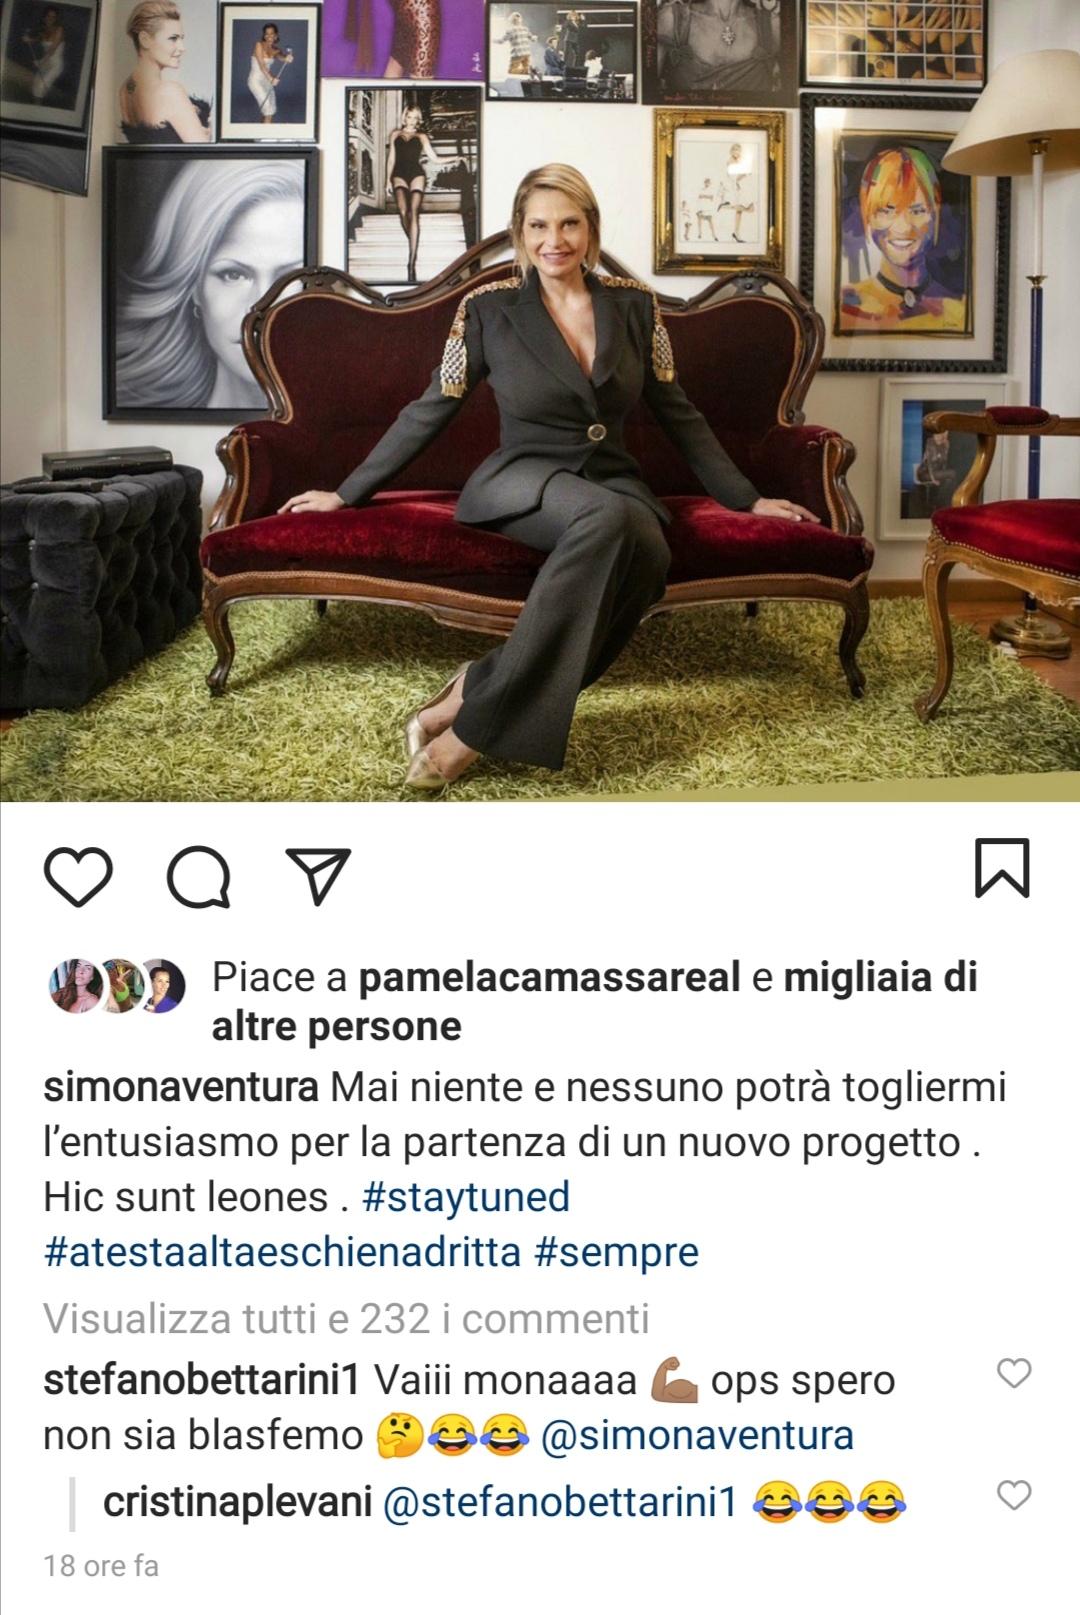 Stefano Bettarini e il messaggio a Simona Ventura